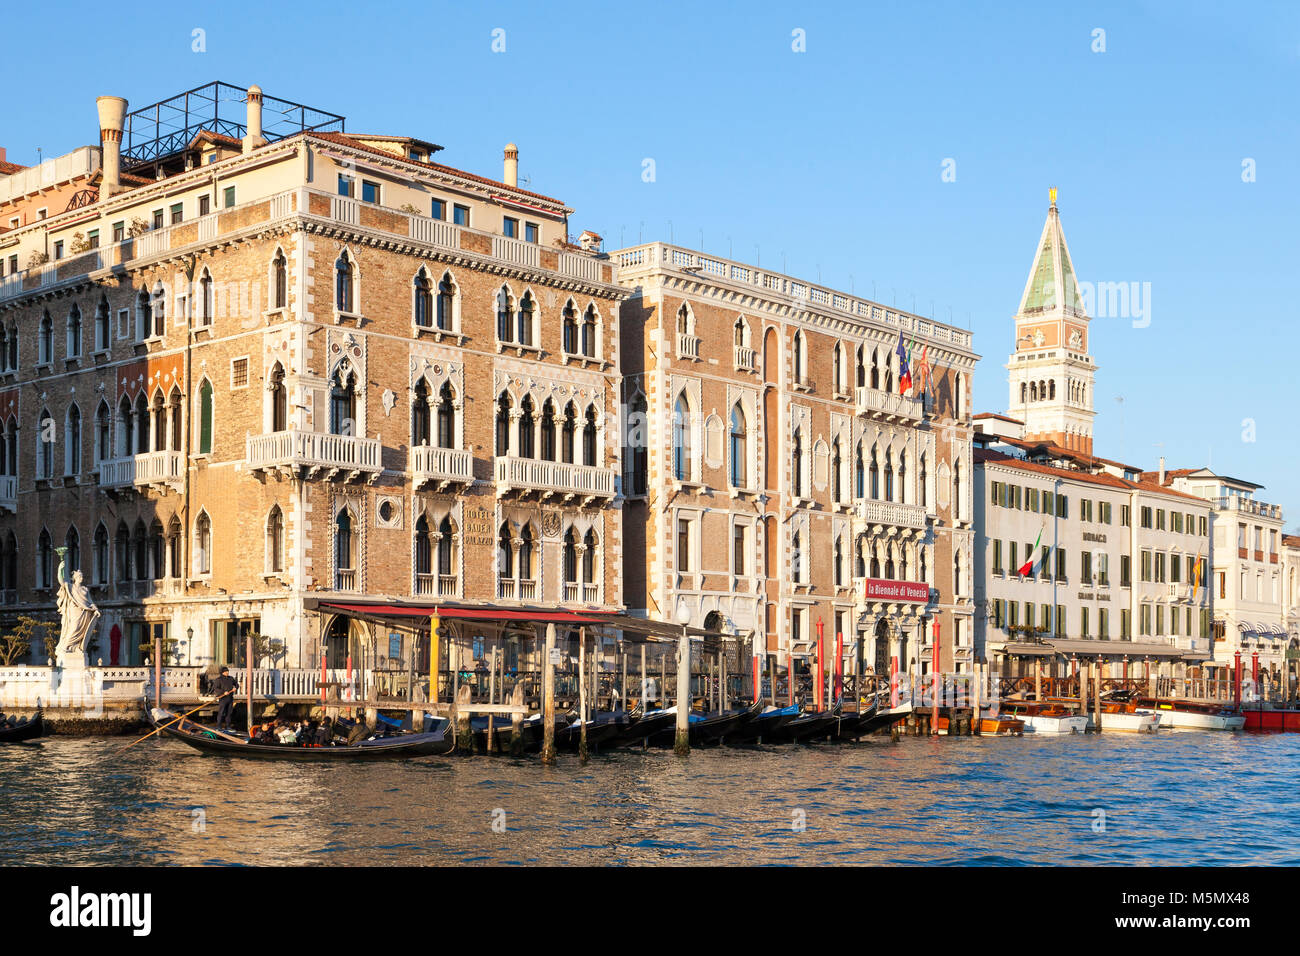 Atardecer sobre el Gran Canal, el Hotel Bauer, y la Biannale Palazzo di Venezia, San Marco, Venecia, Venecia, Italia Imagen De Stock